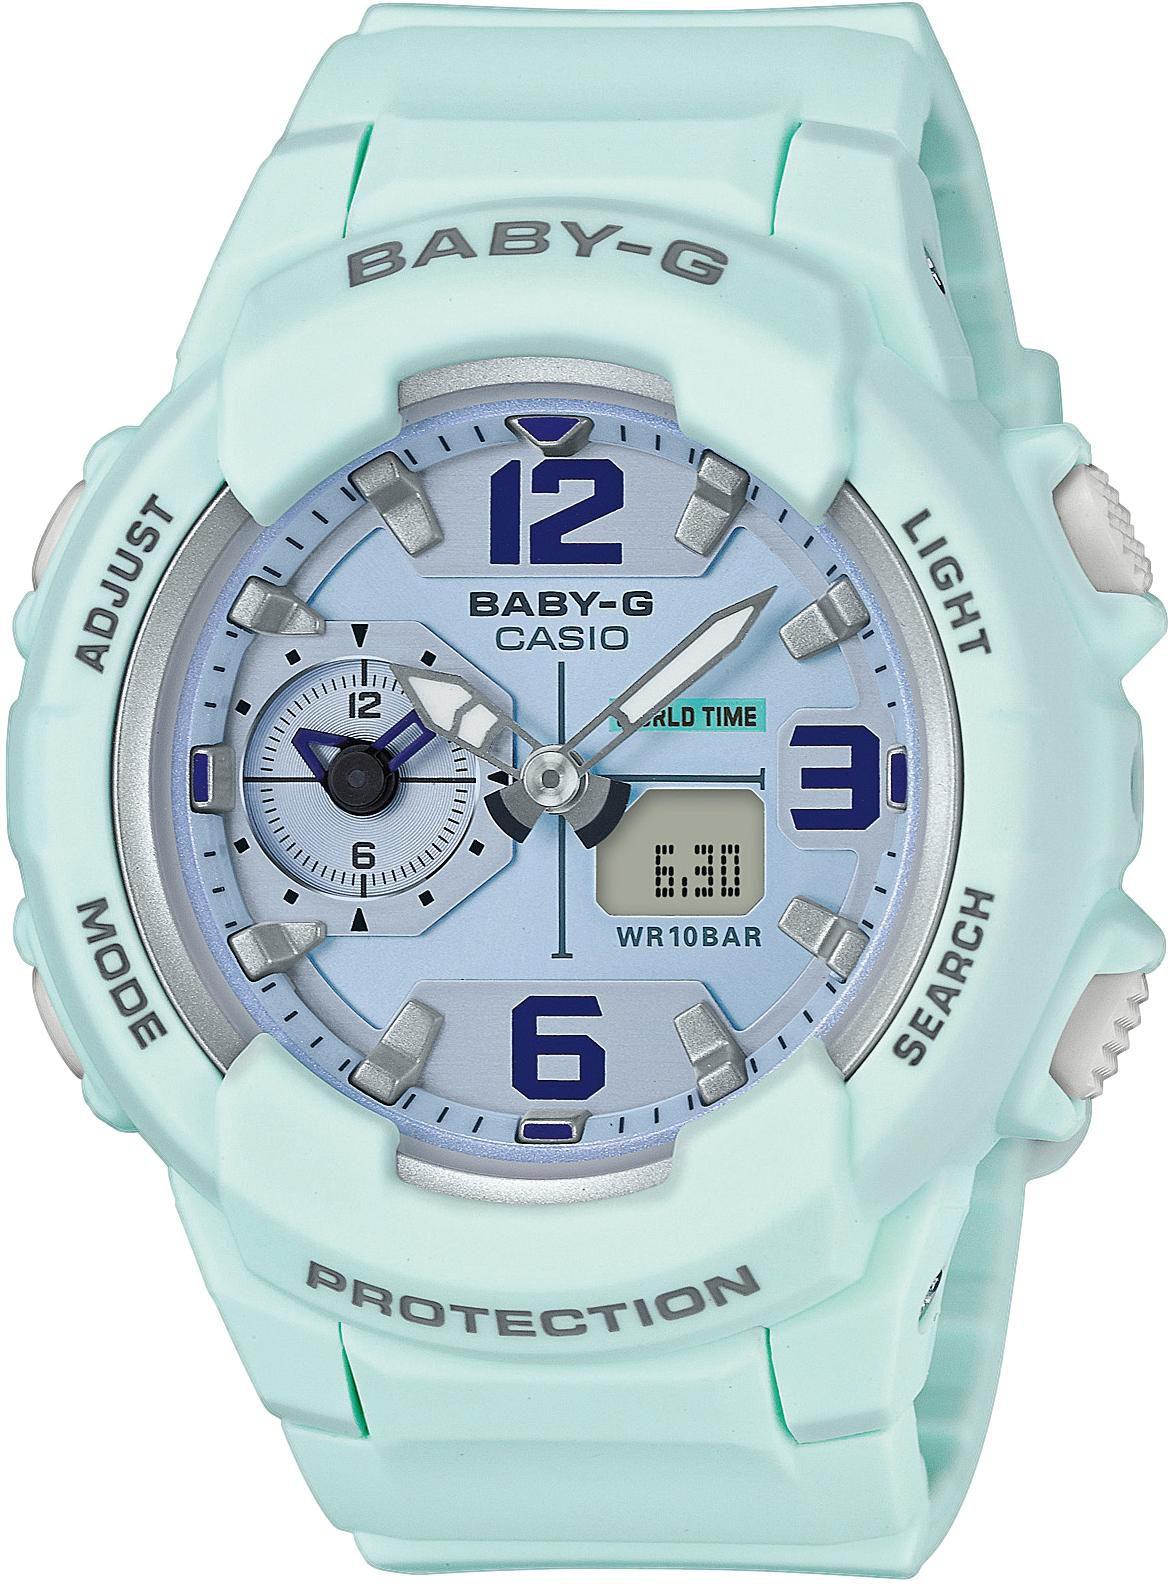 CASIO BABY G Casio Baby-G Chronograph »BGA-230SC-3BER«